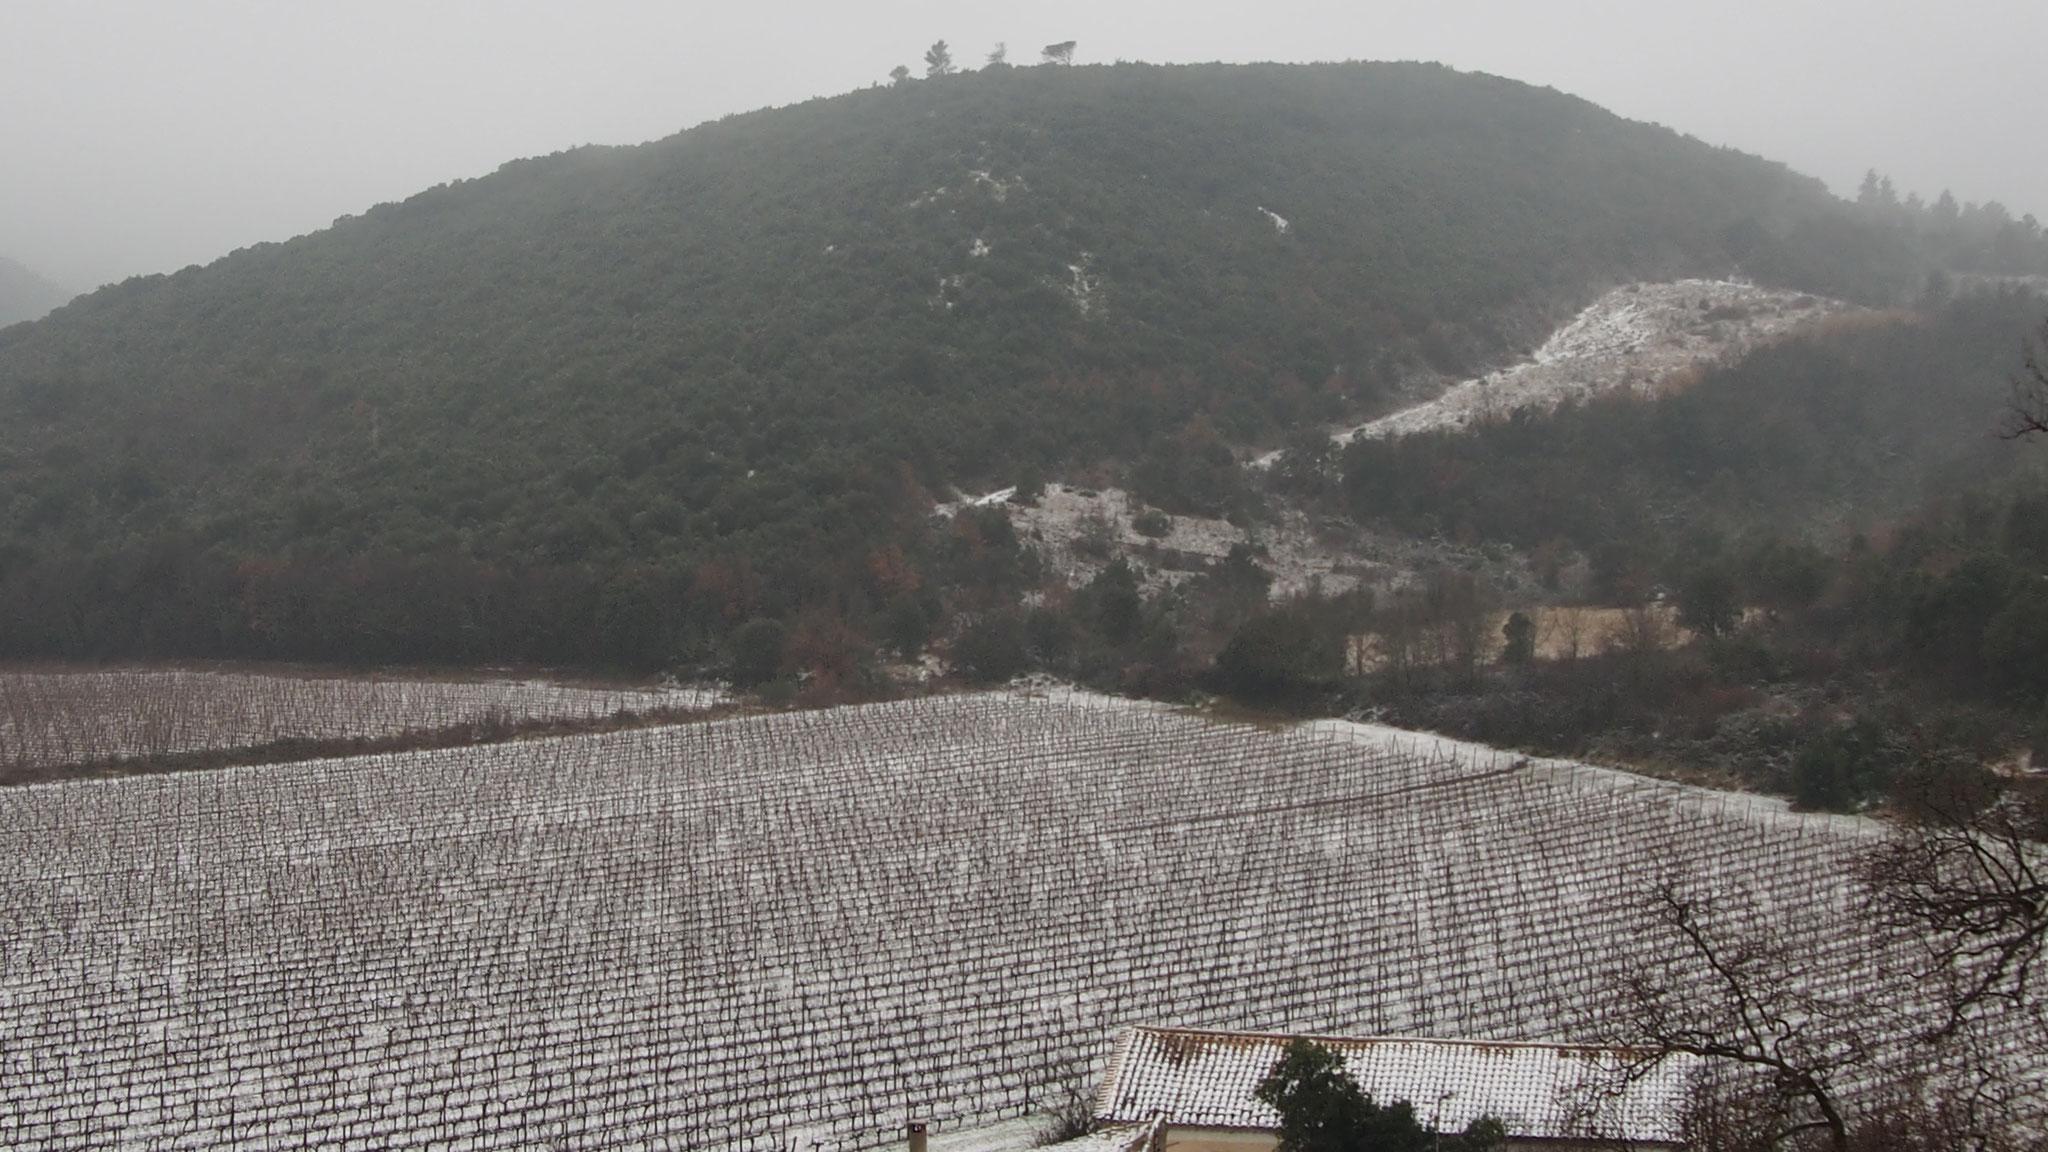 les vignes de Saint Jean de Buèges et en arrière plan, la colline du mas de la Bau sous la neige